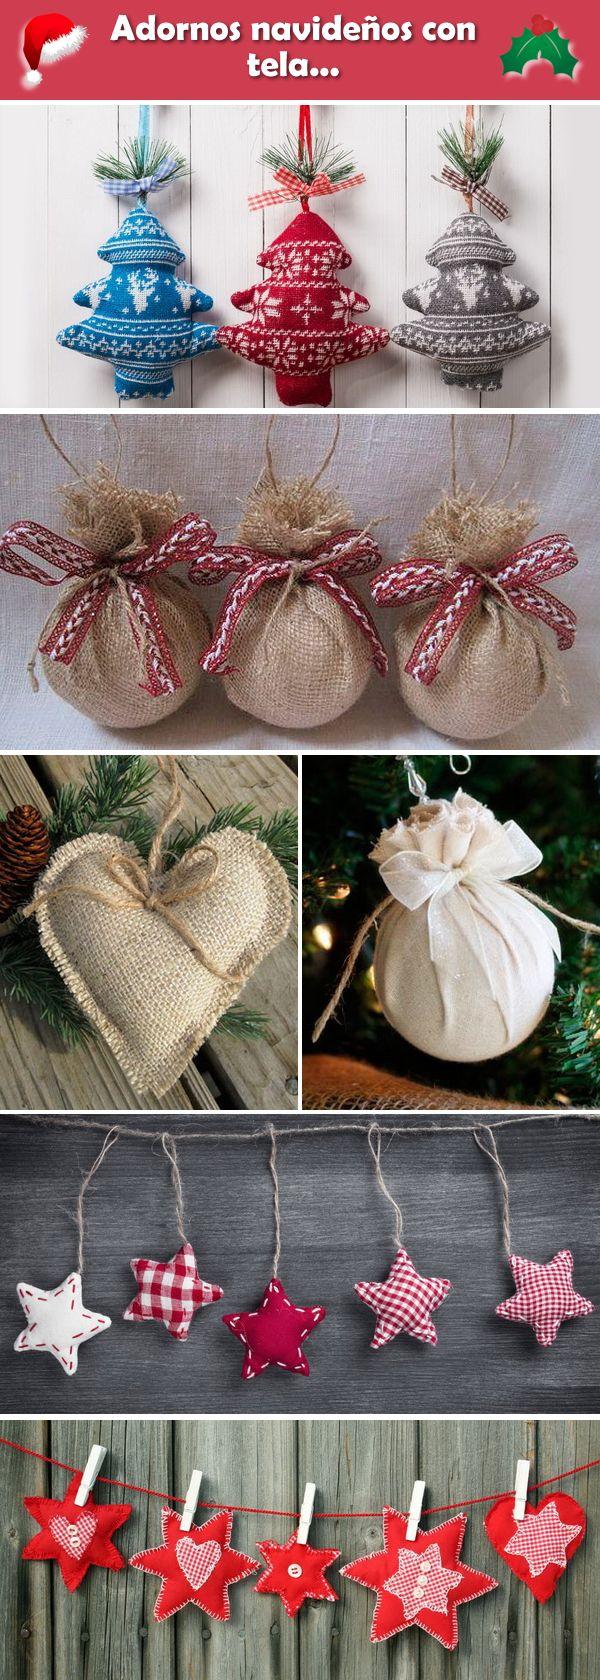 Adornos de Navidad hechos con tela. Adornos navideños intervenidos con tela. Ideas originales para adornos navideños.